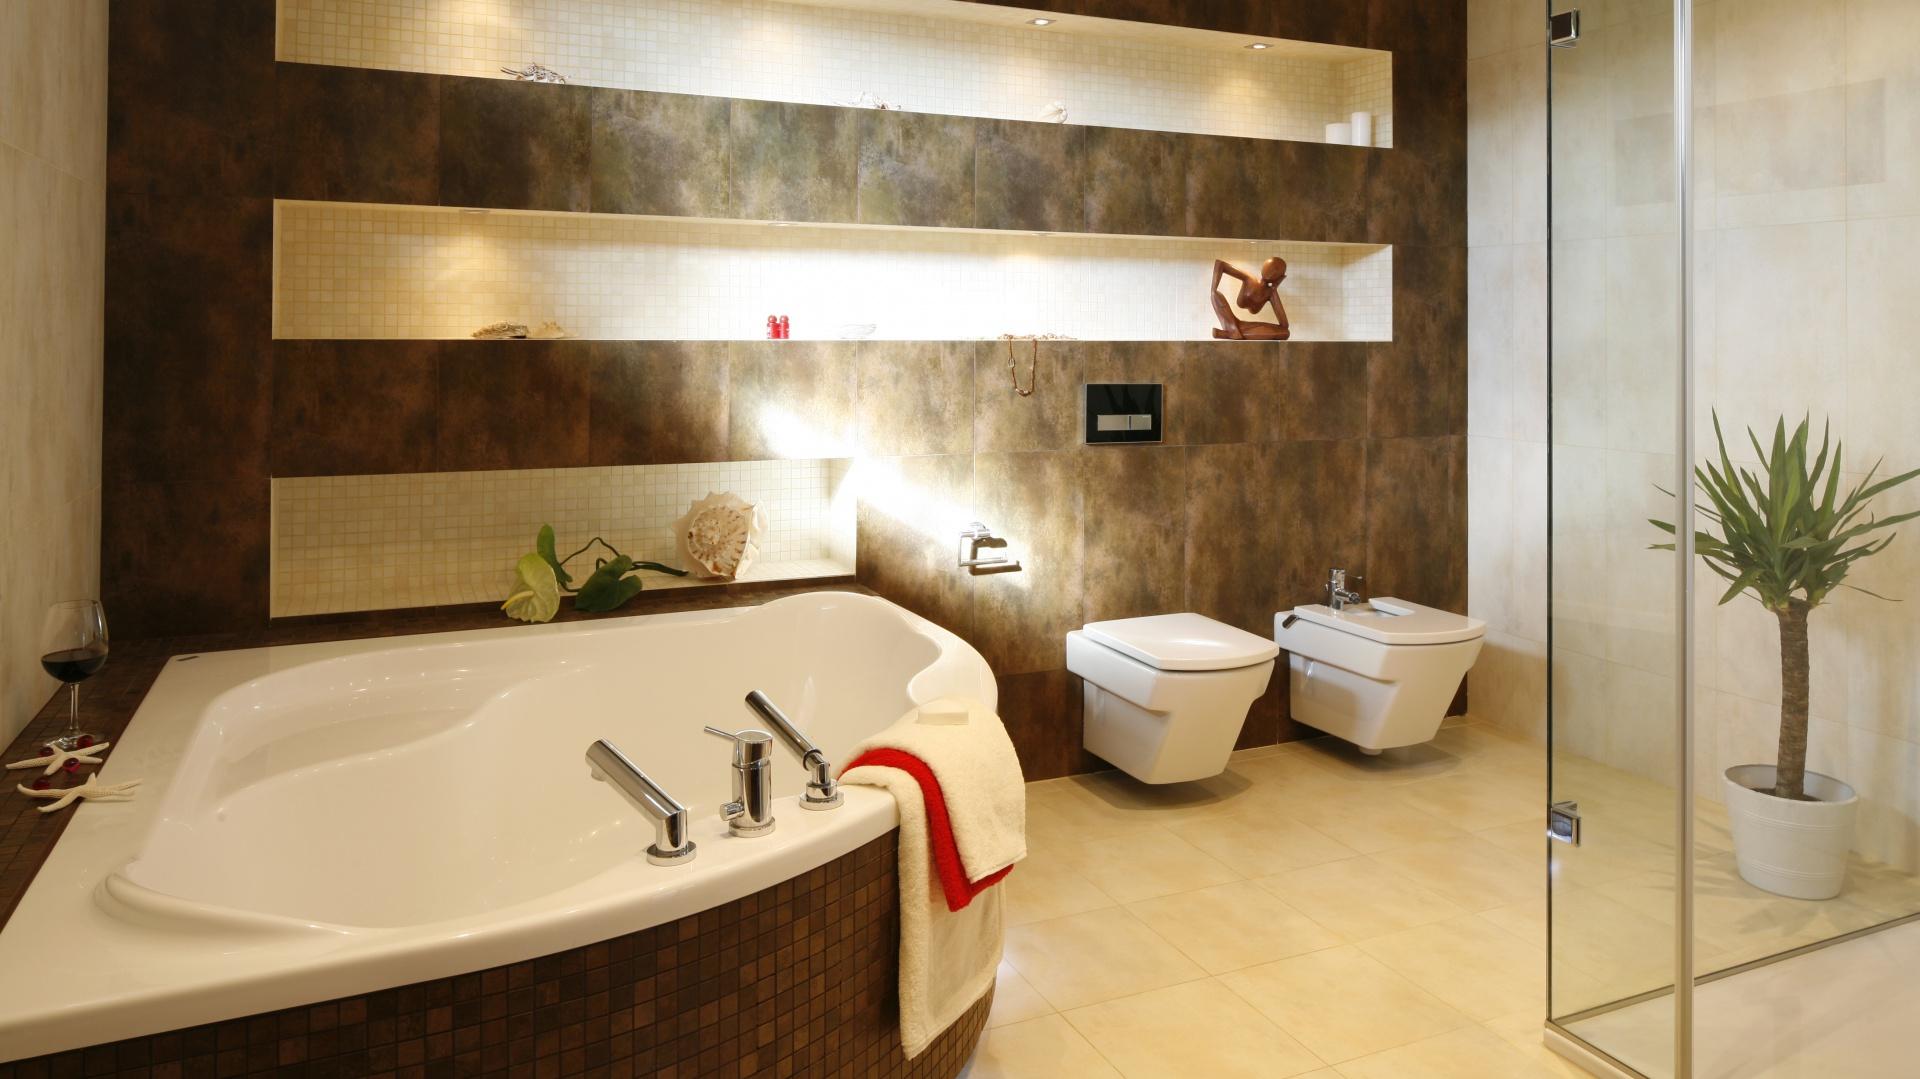 Beżowa łazienka Wybierz Płytki Albo Kamień